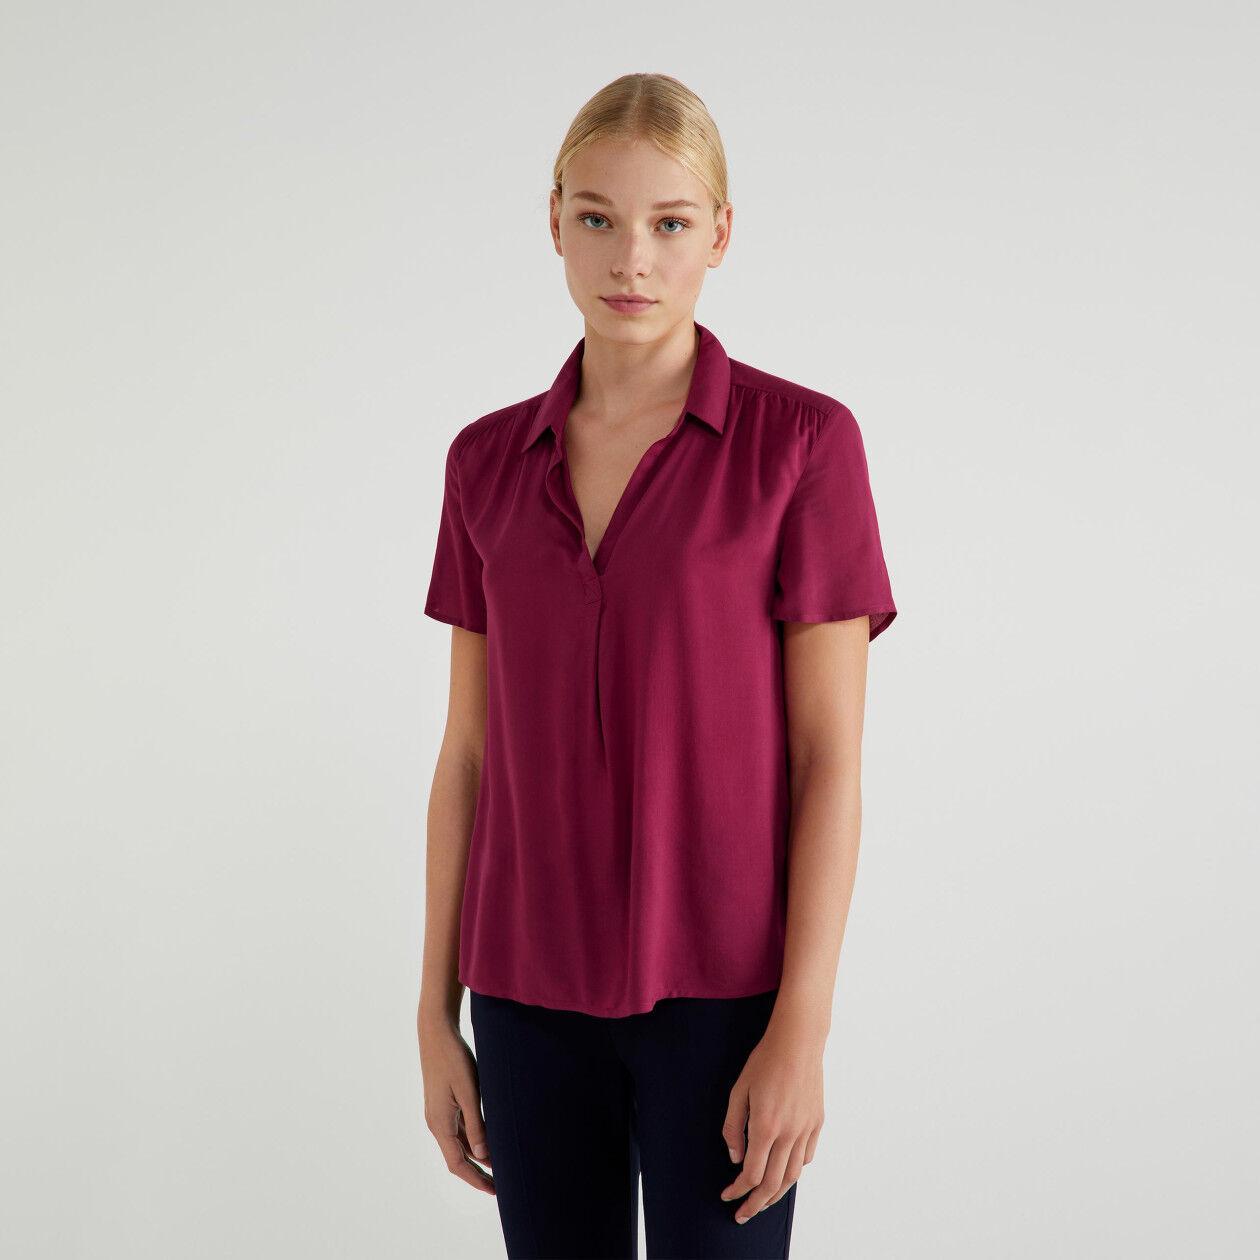 Μπλούζα με V λαιμόκοψη